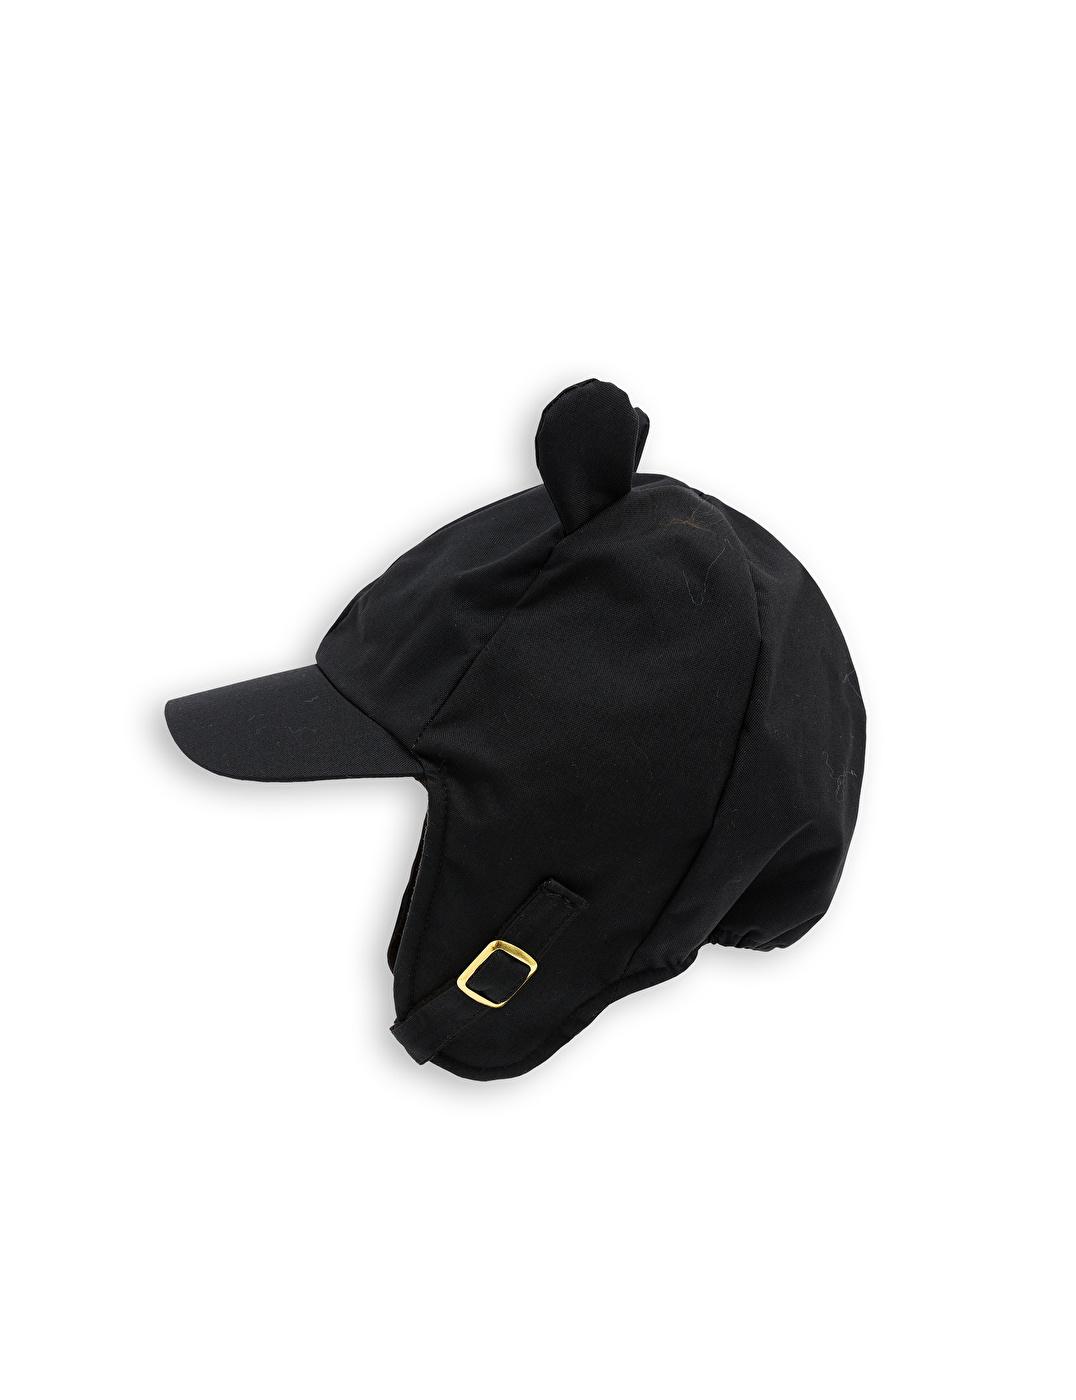 1776511699-3-mini-rodini-alaska-ear-cap-black